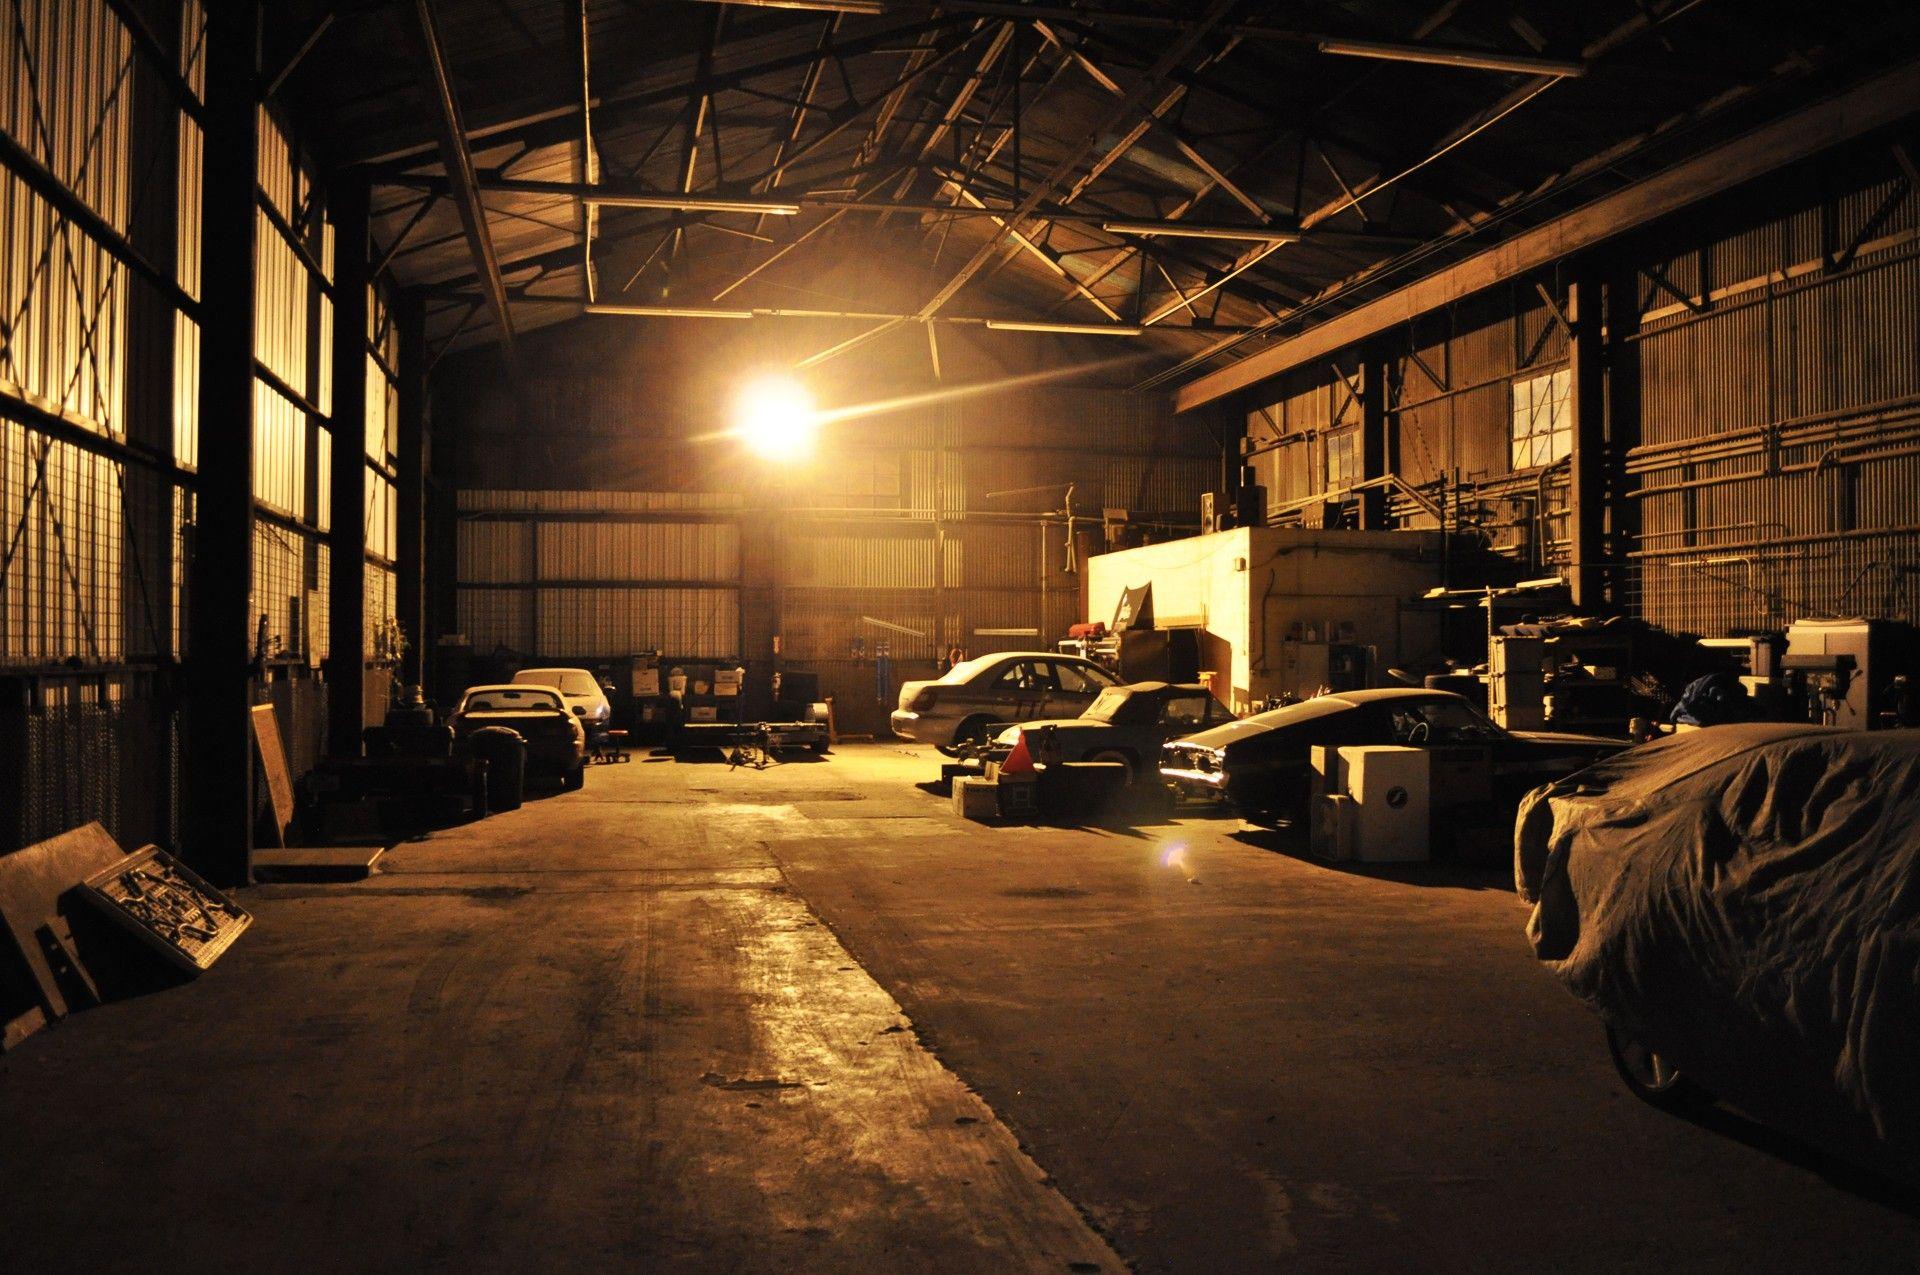 Car Garage Wallpaper Con Imagenes Recetas Pixeles